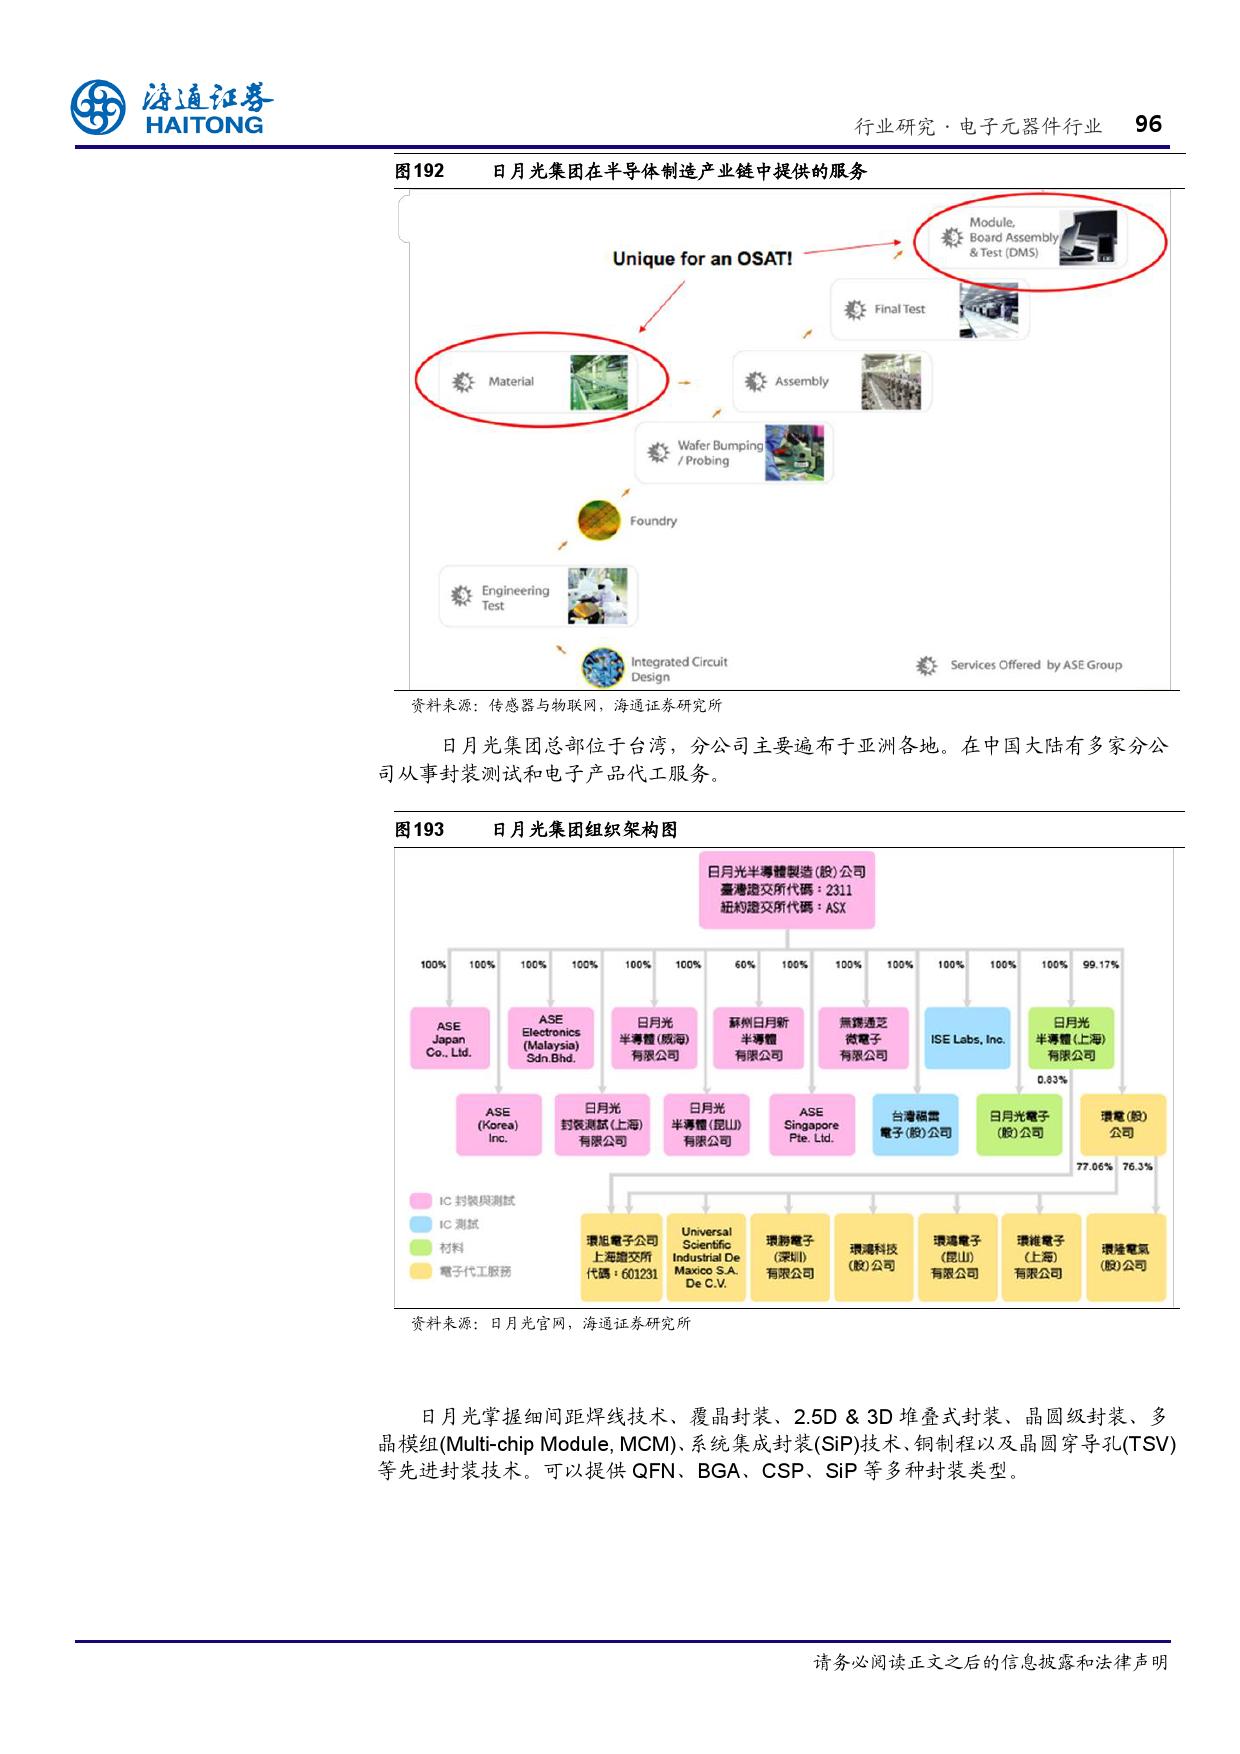 报告全解传感器全球产业链_000096